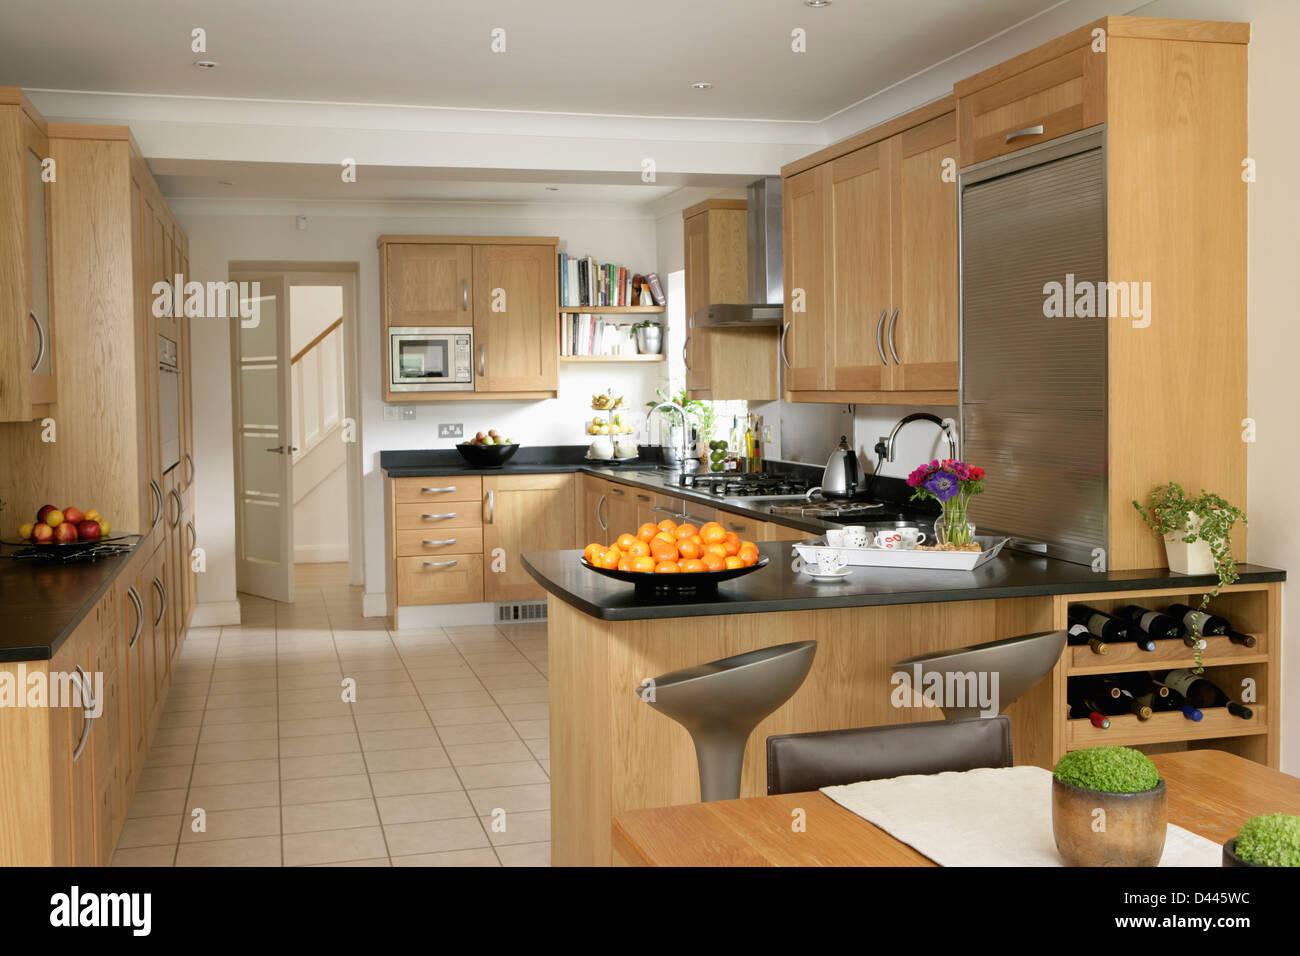 https www alamyimages fr photo image en carrelage blanc avec cuisine moderne equipee en bois pale et unites de rack de stockage vin integrale 54182168 html